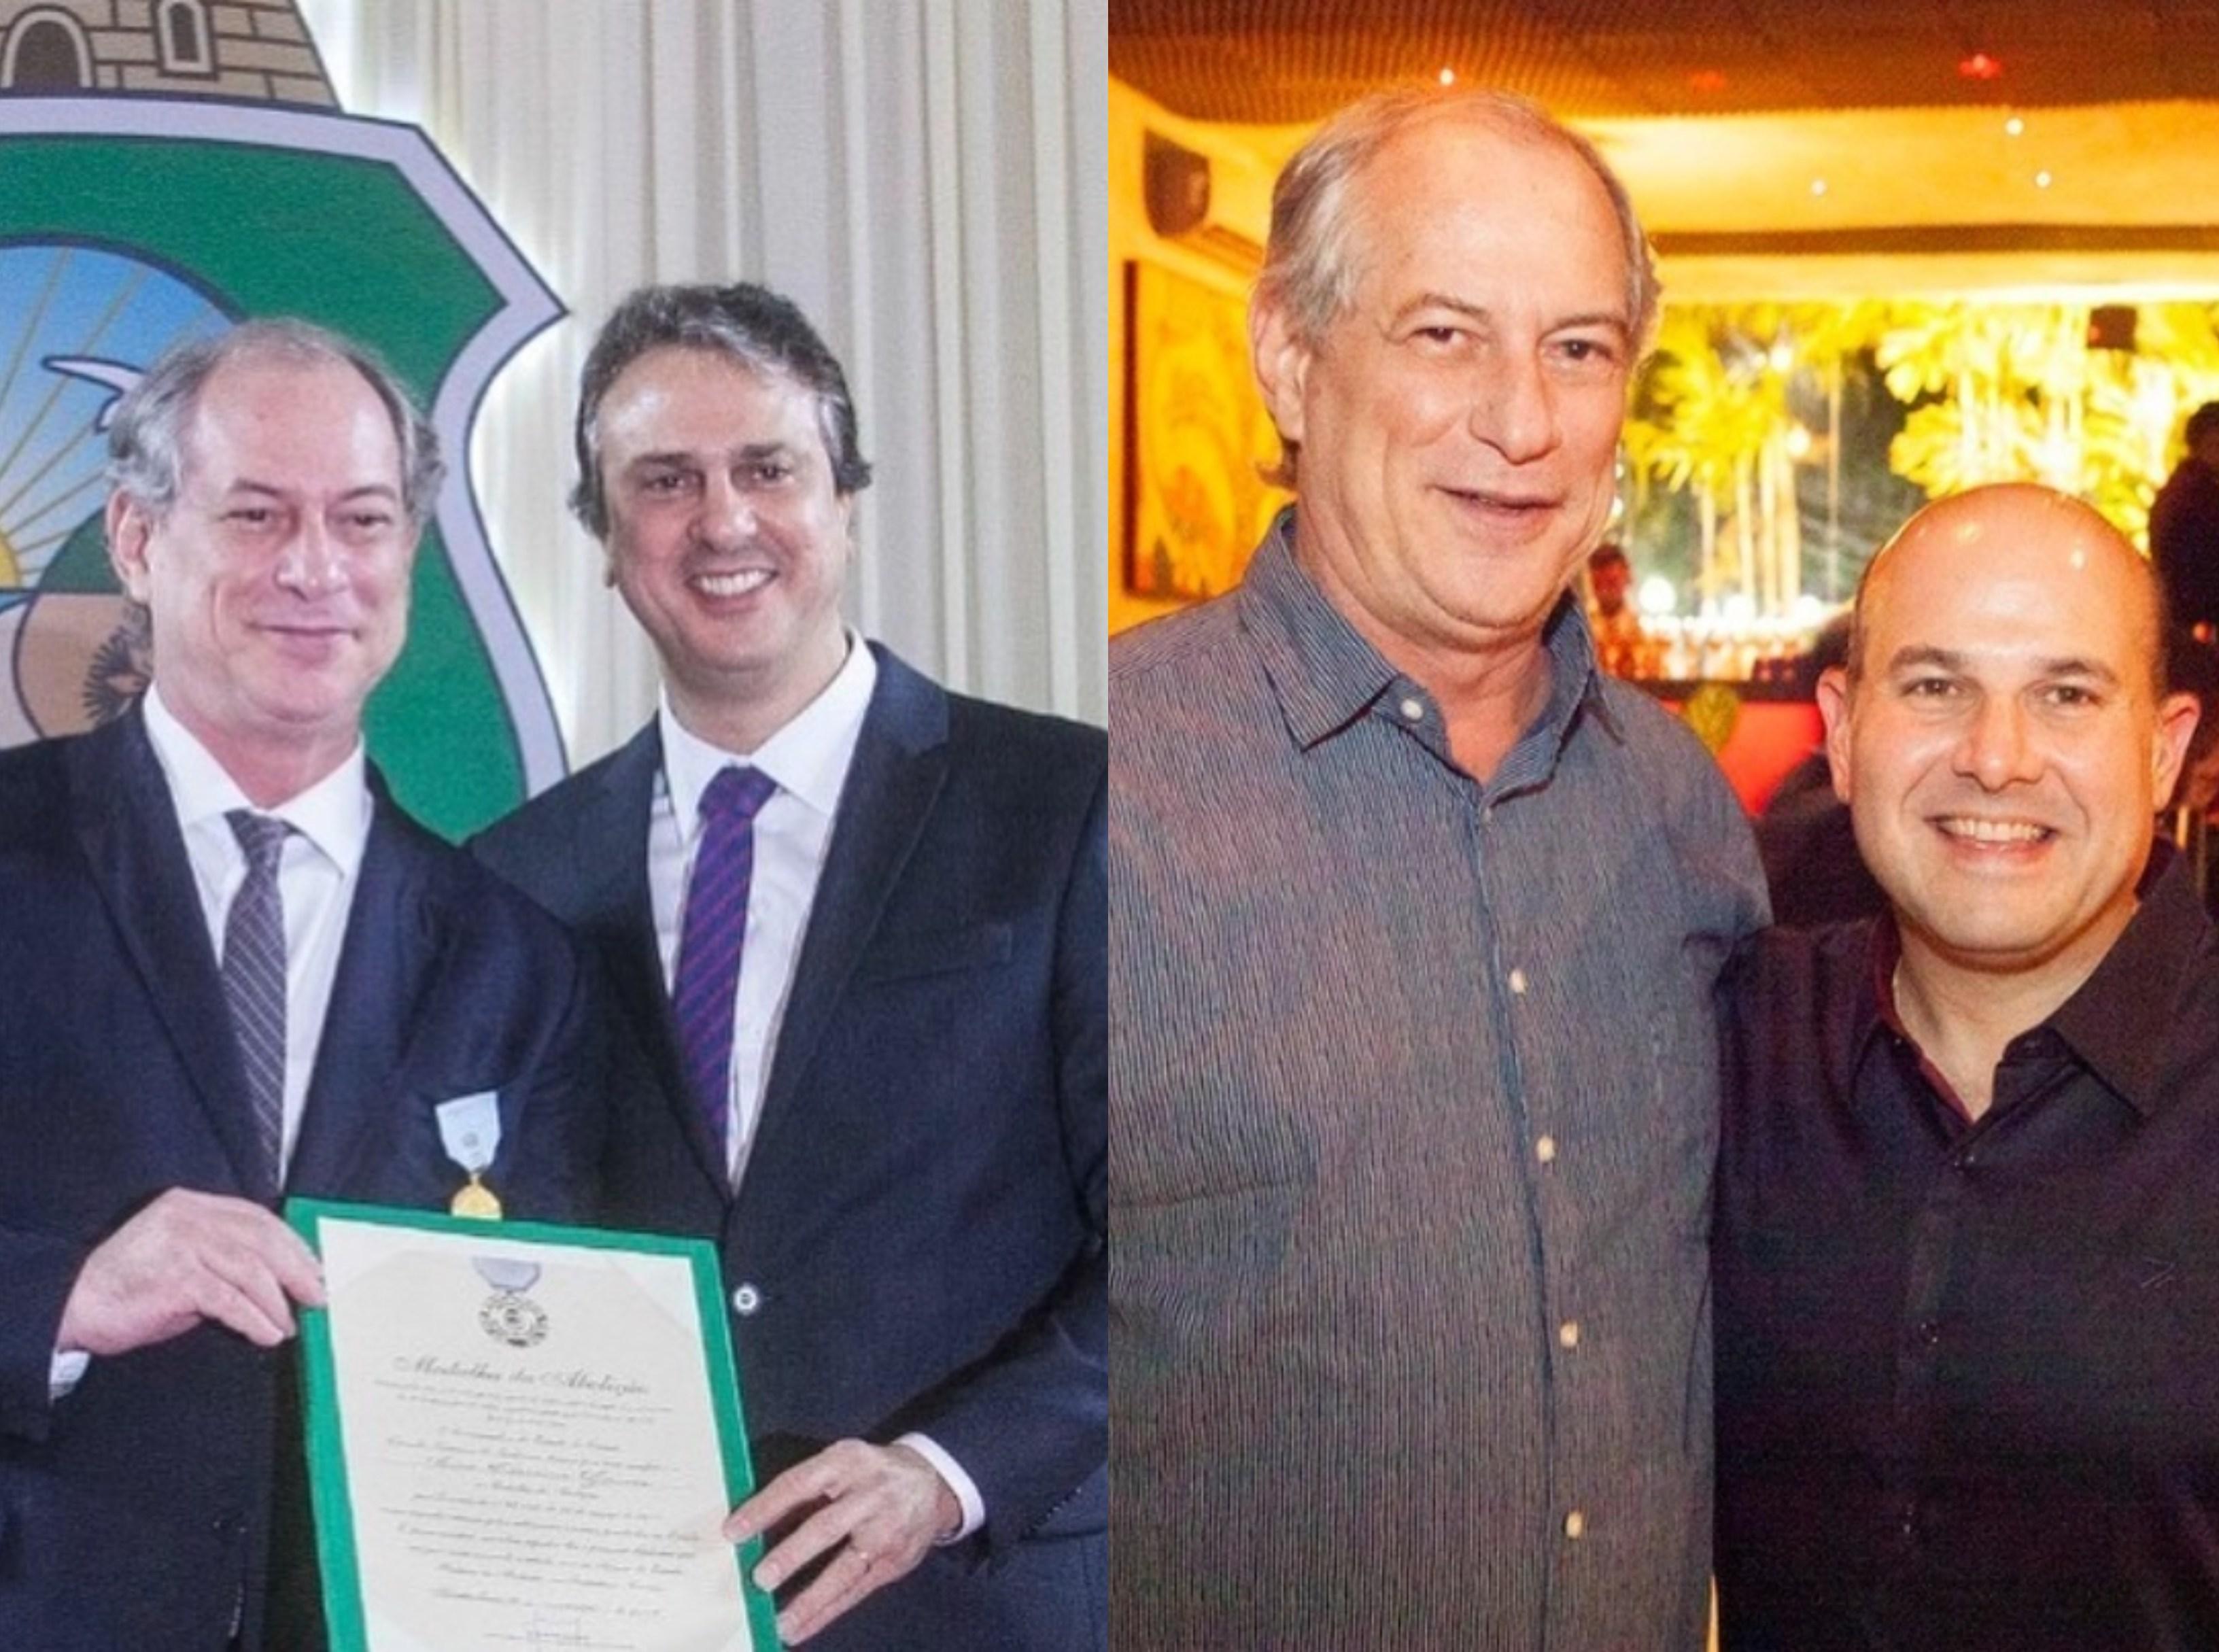 Personalidades da política cearense homenageiam Ciro Gomes pelo seu aniversário